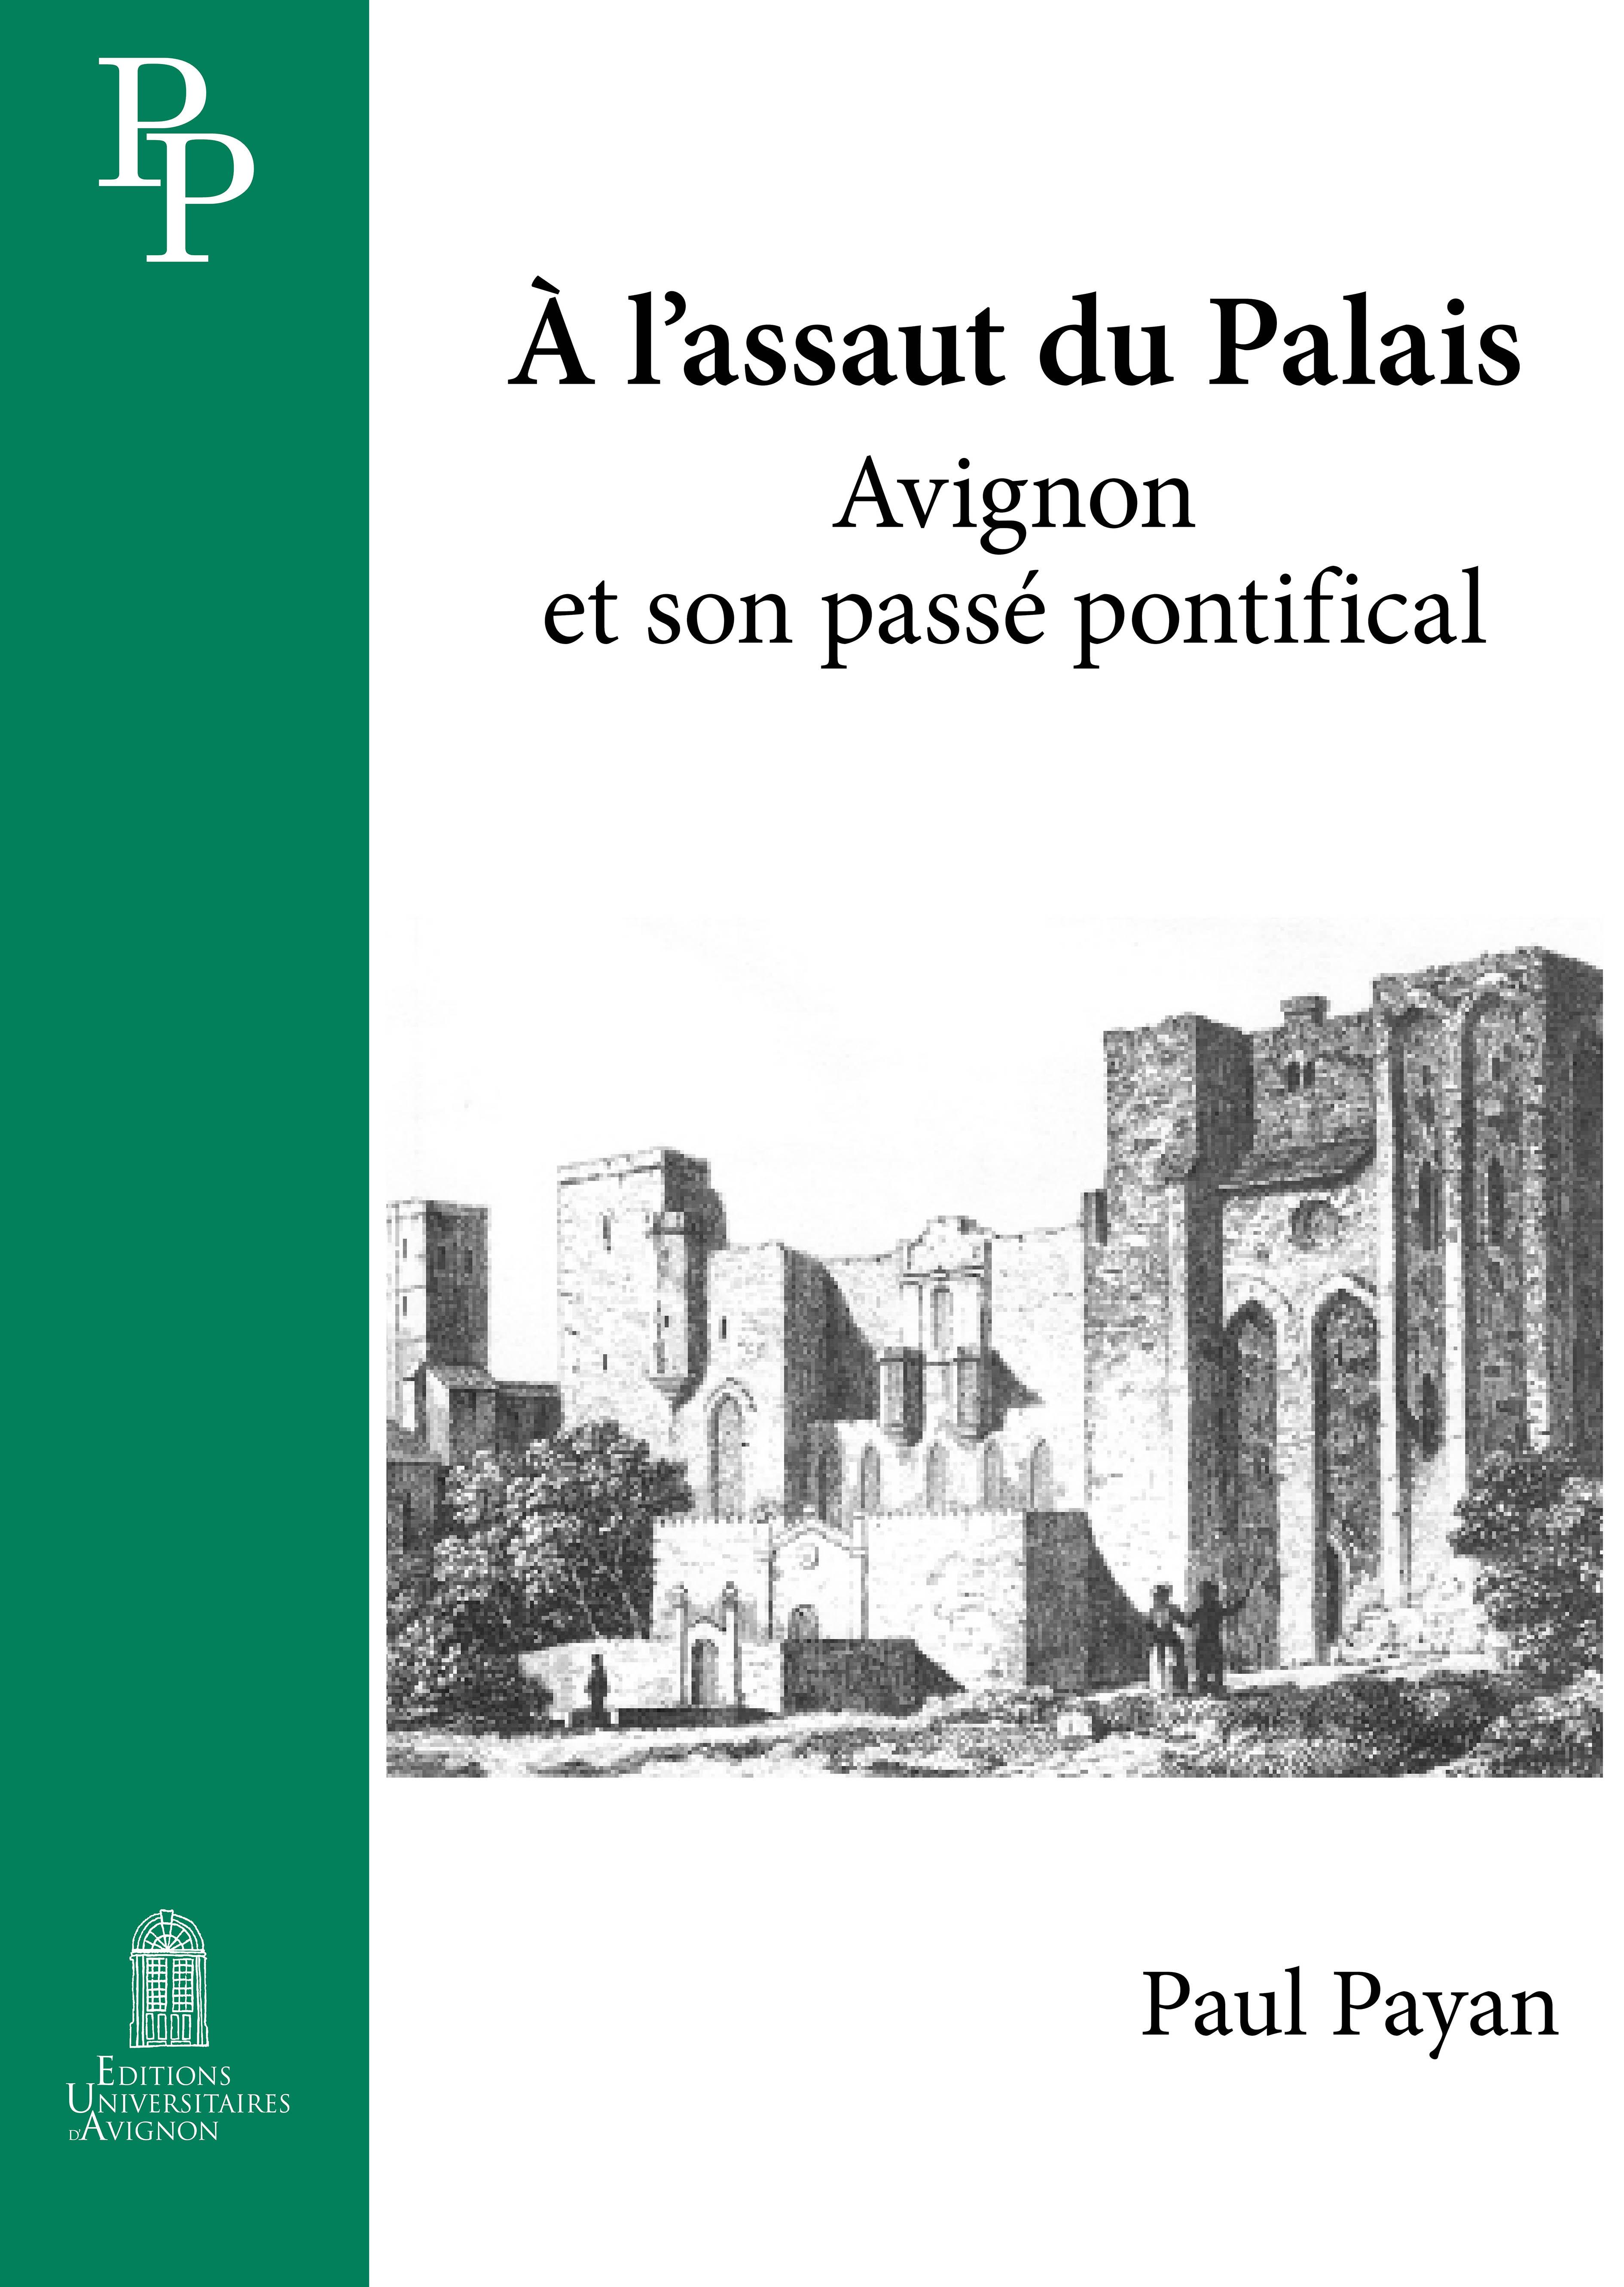 couverture du livre de Payan